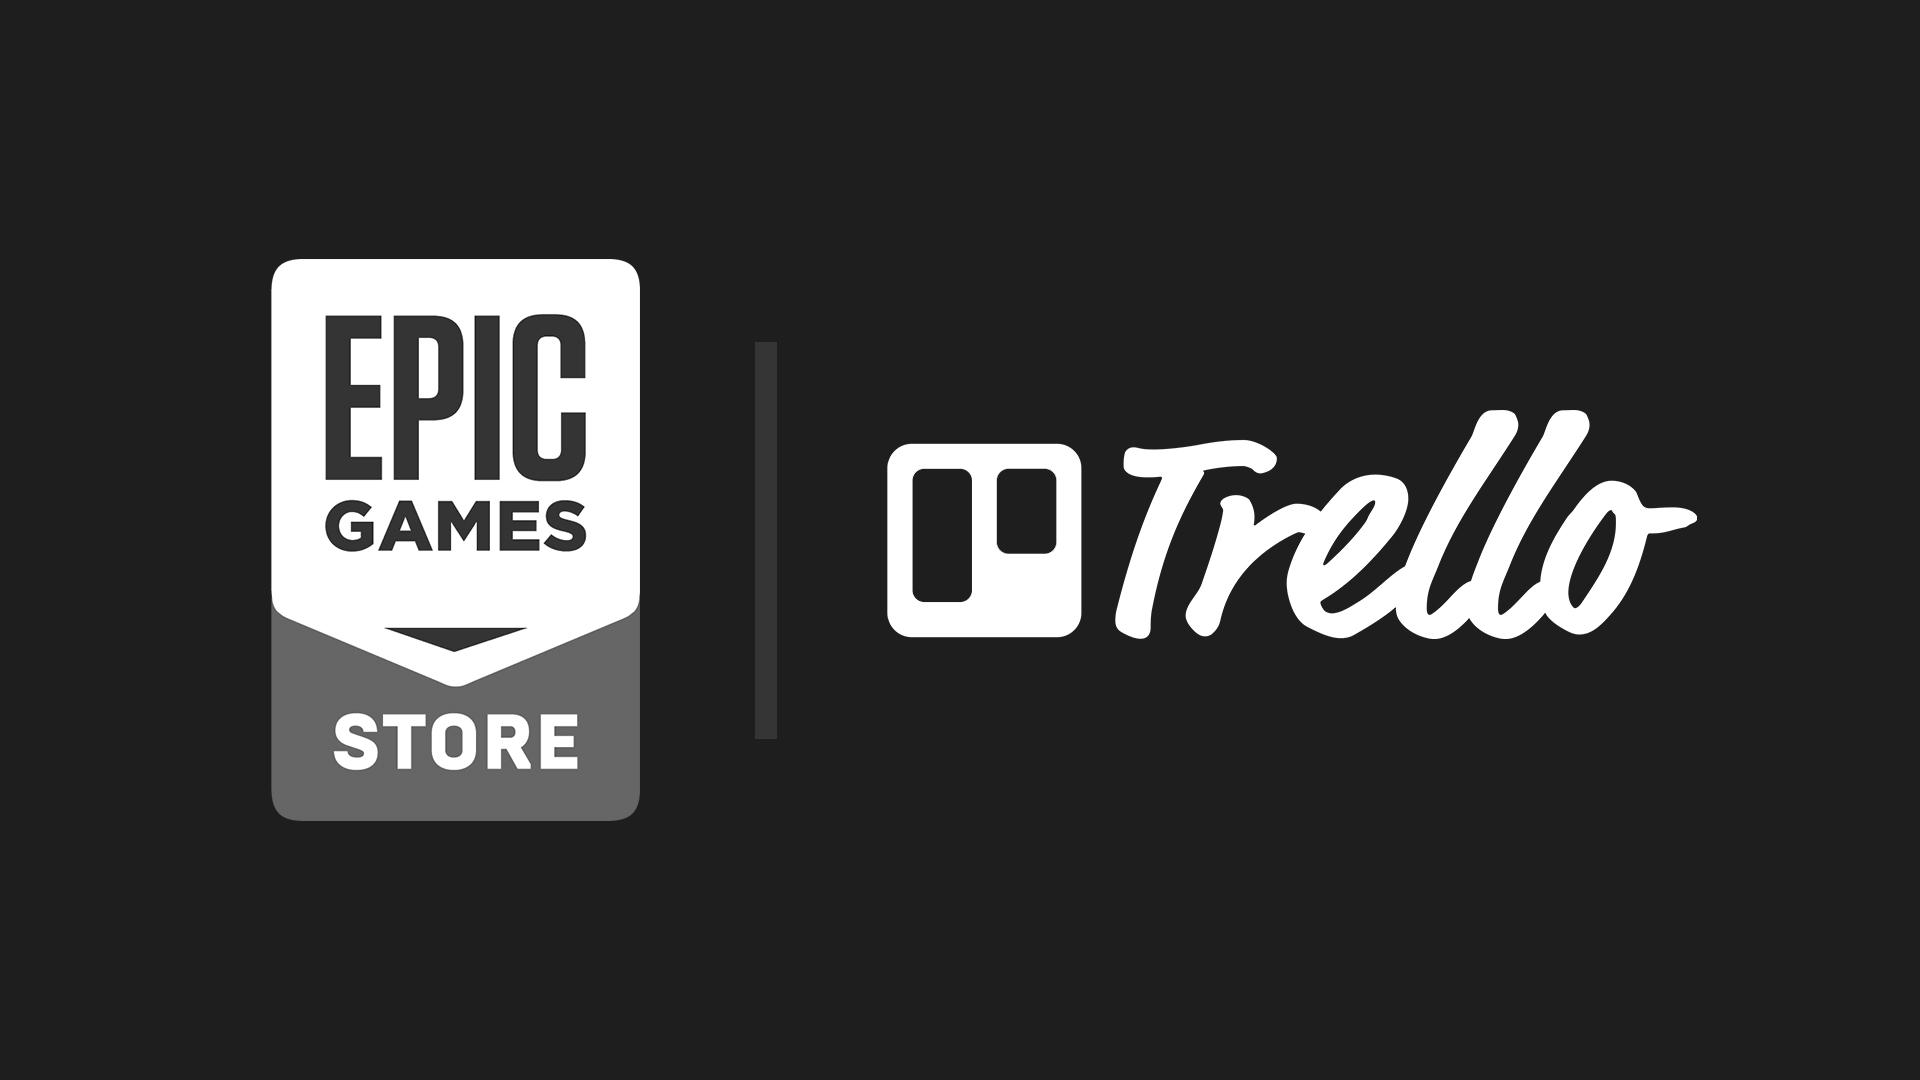 La hoja de ruta de la tienda Epic Games ya está disponible en Trello